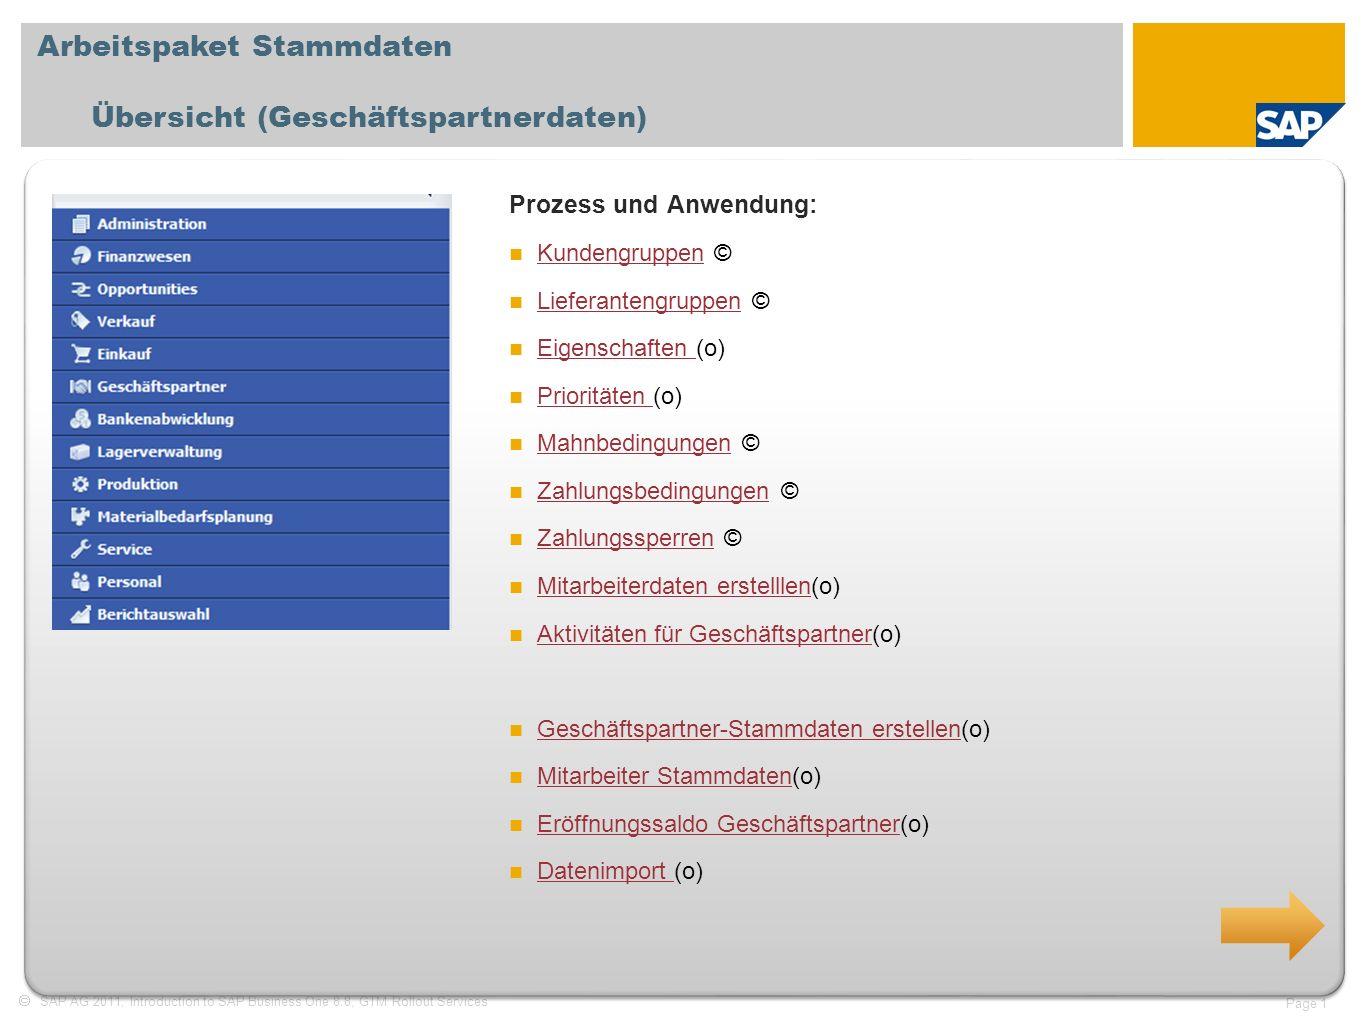 Arbeitspaket Stammdaten Übersicht (Geschäftspartnerdaten)